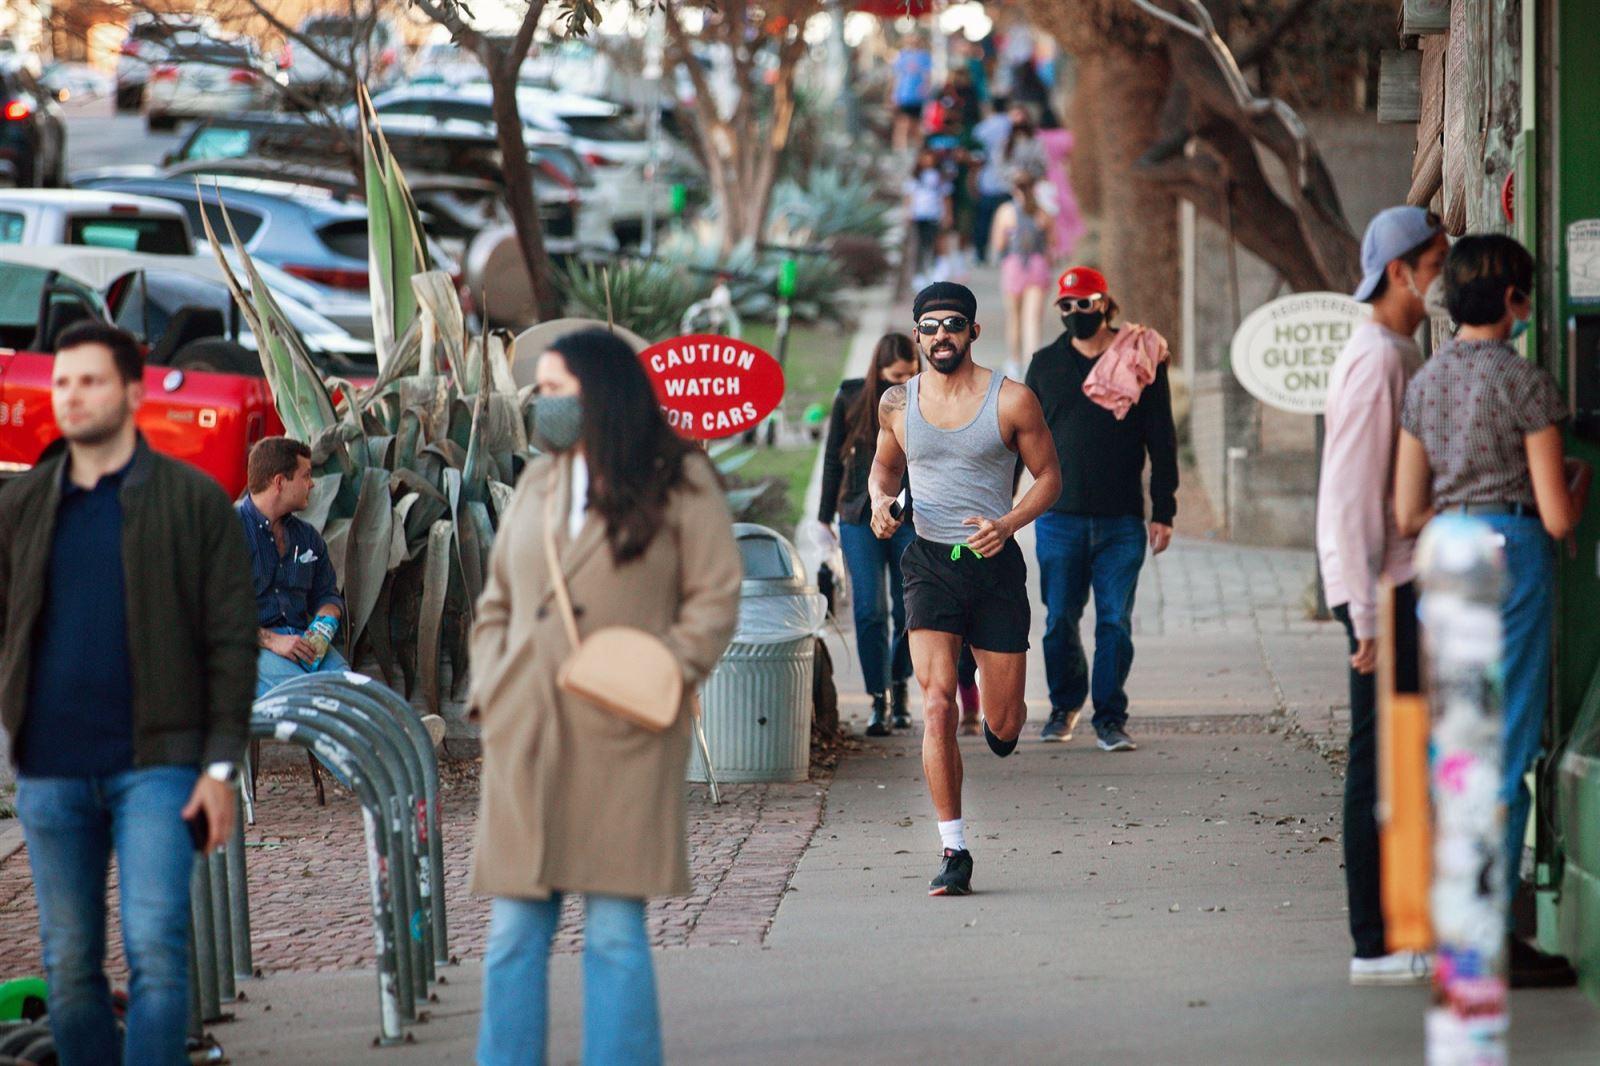 Người dân đi lại trên đại lộ South Congress ở Austin, Texas, Mỹ ngày 3-3-2021, có người không đeo khẩu trang. Ảnh: Getty Images